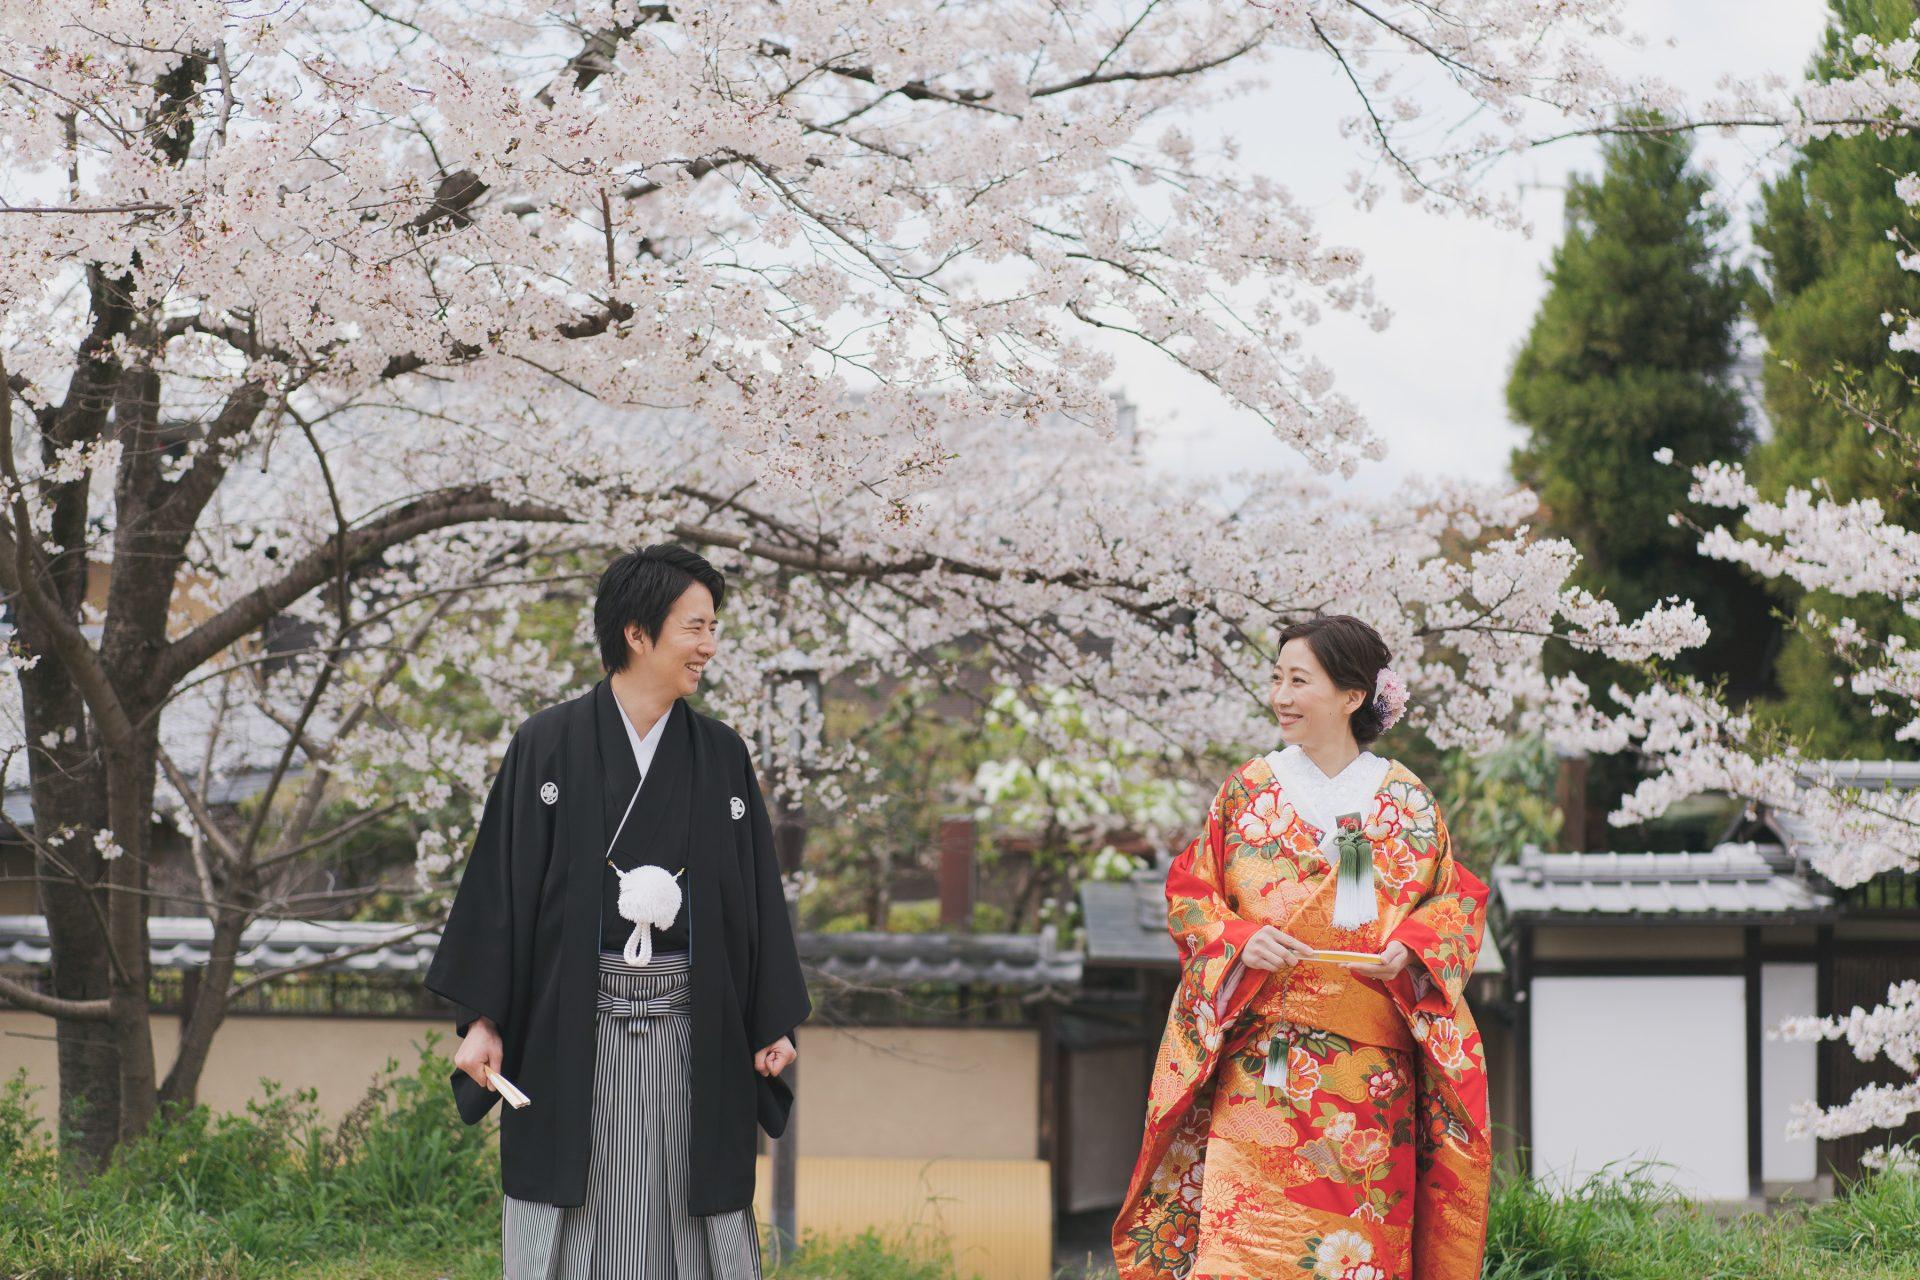 ザトリートドレッシング京都店にてお取り扱いをしている赤色の色打掛で過ごす京都での和装前撮り